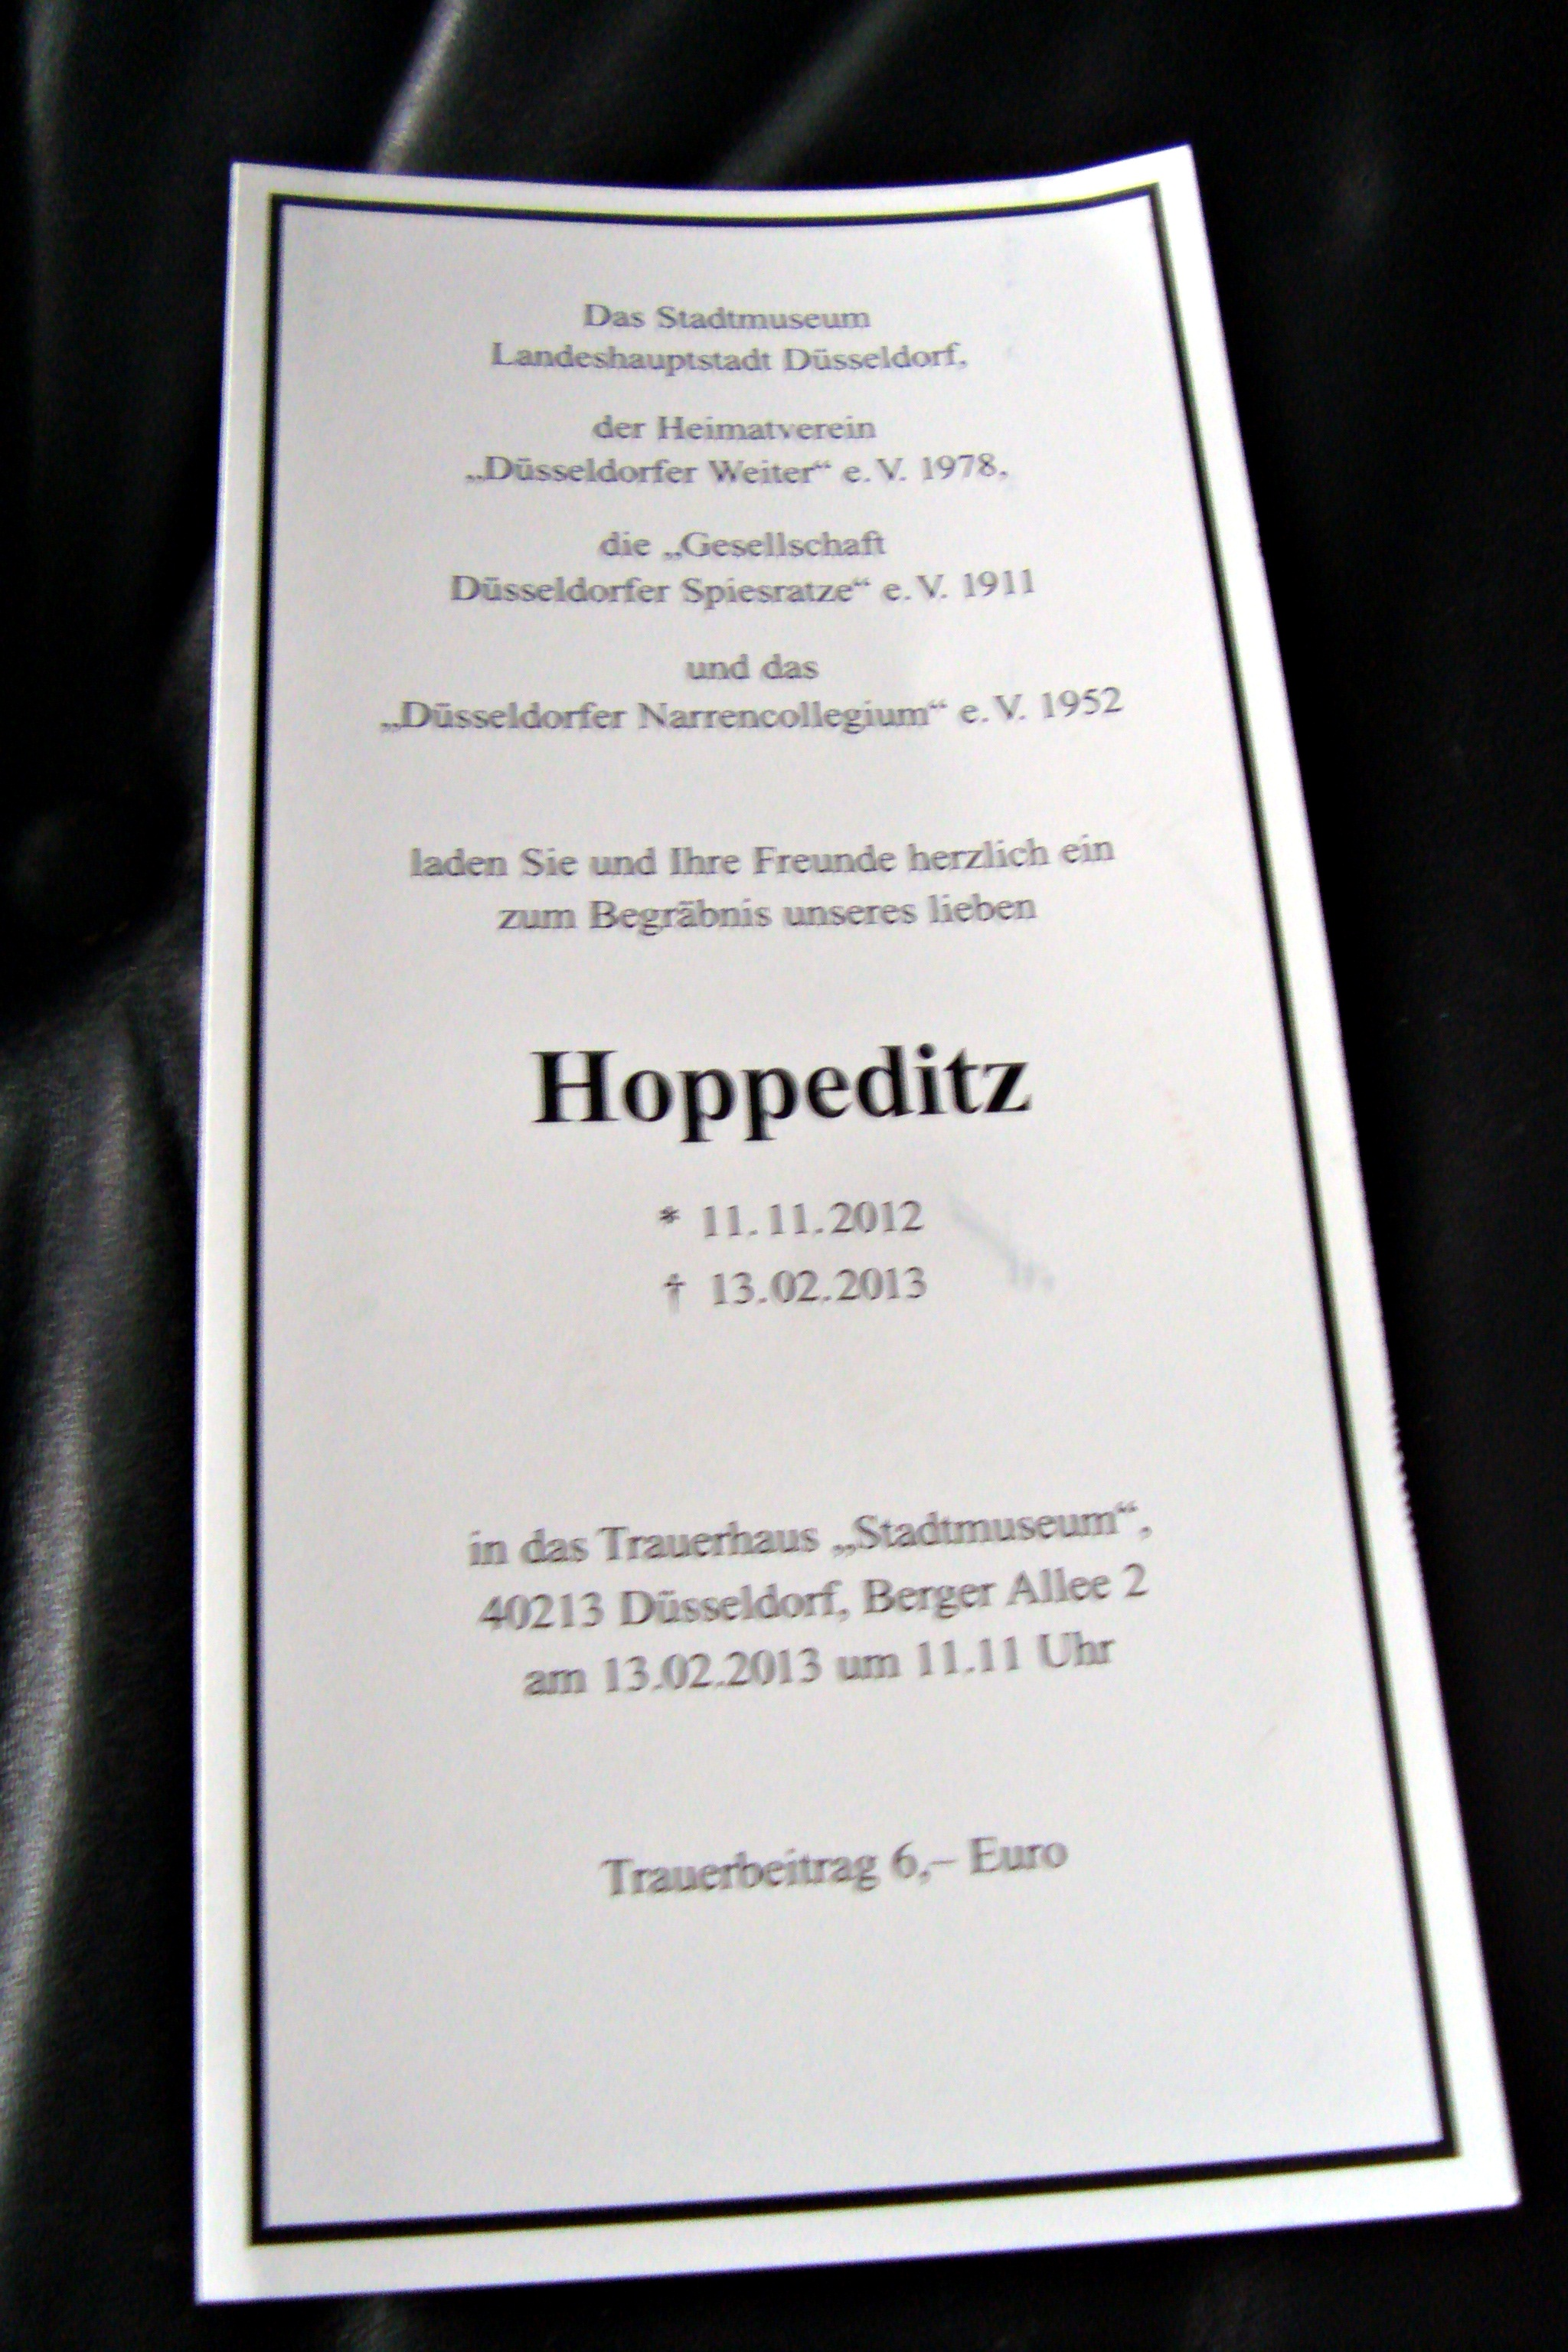 Приглашение на погребение шута в музей истории Дюссельдорфа